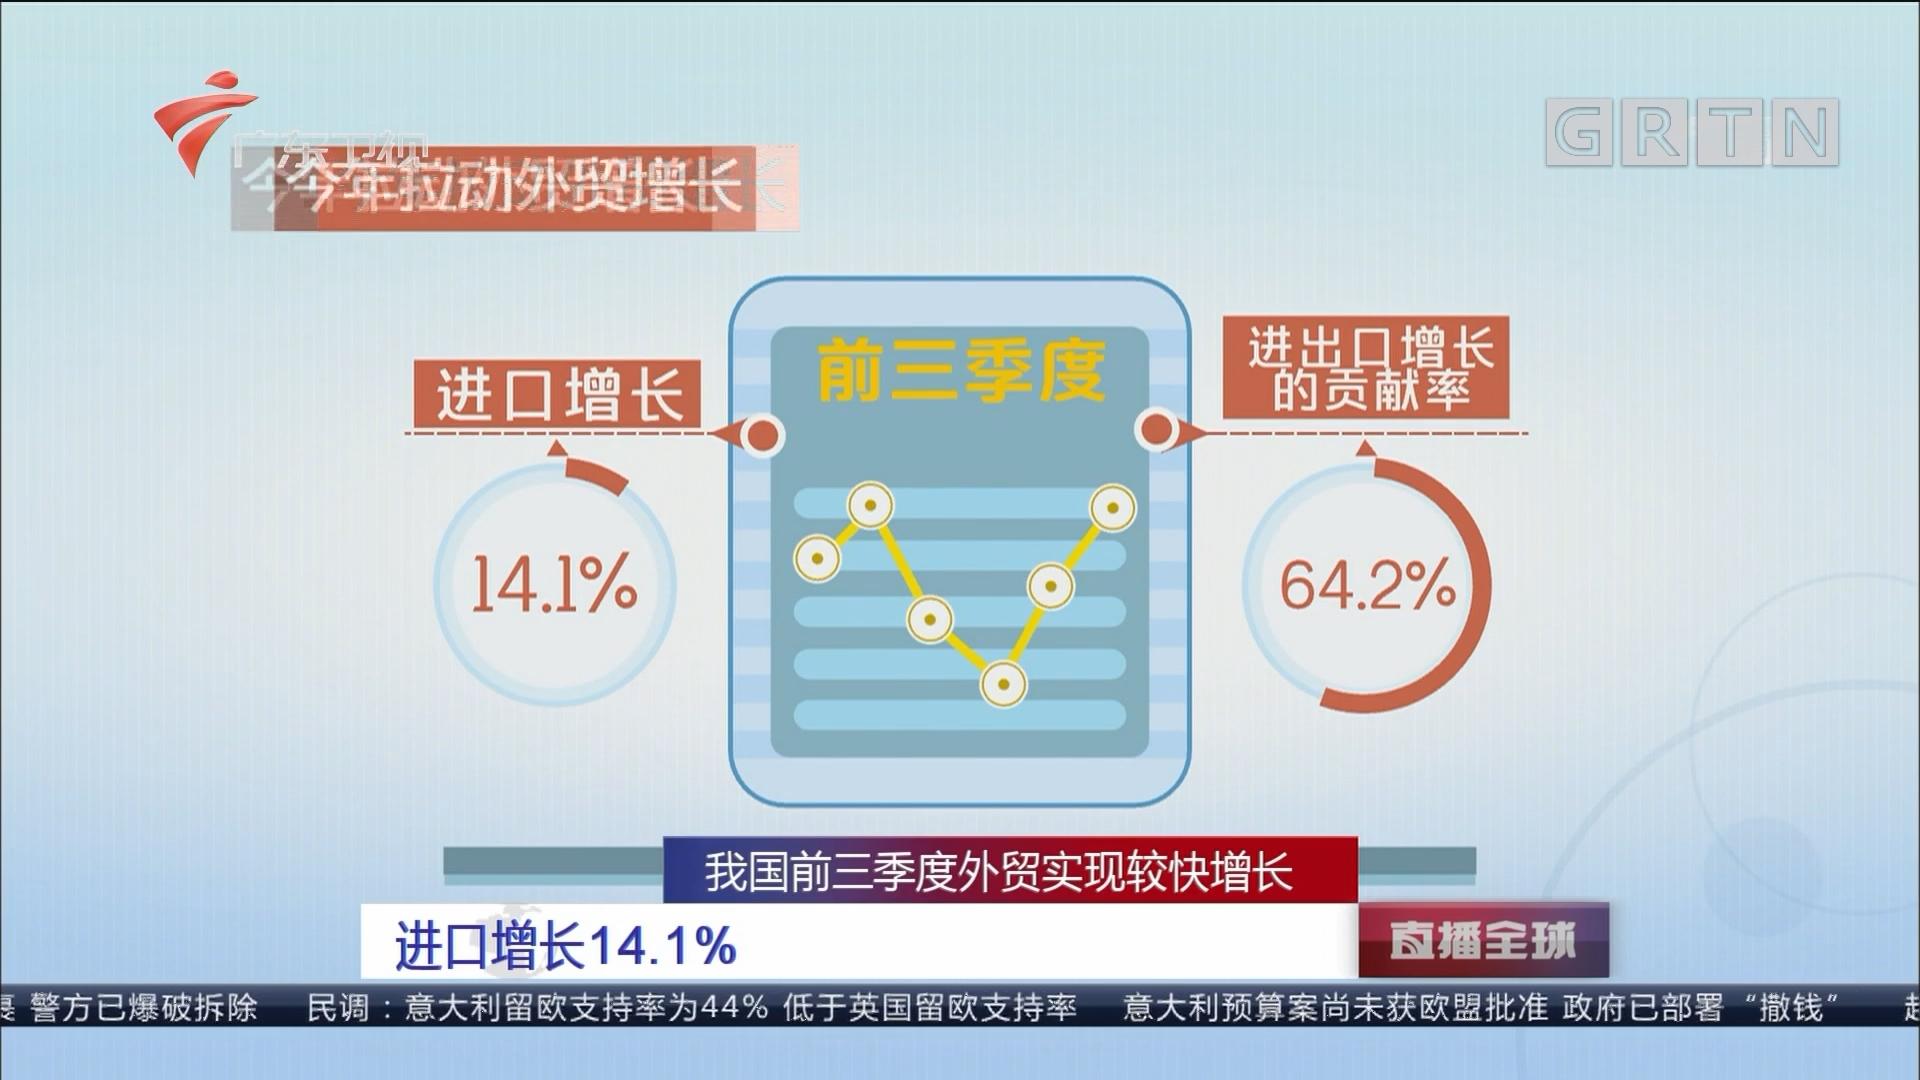 我国前三季度外贸实现较快增长:进口增长14.1%